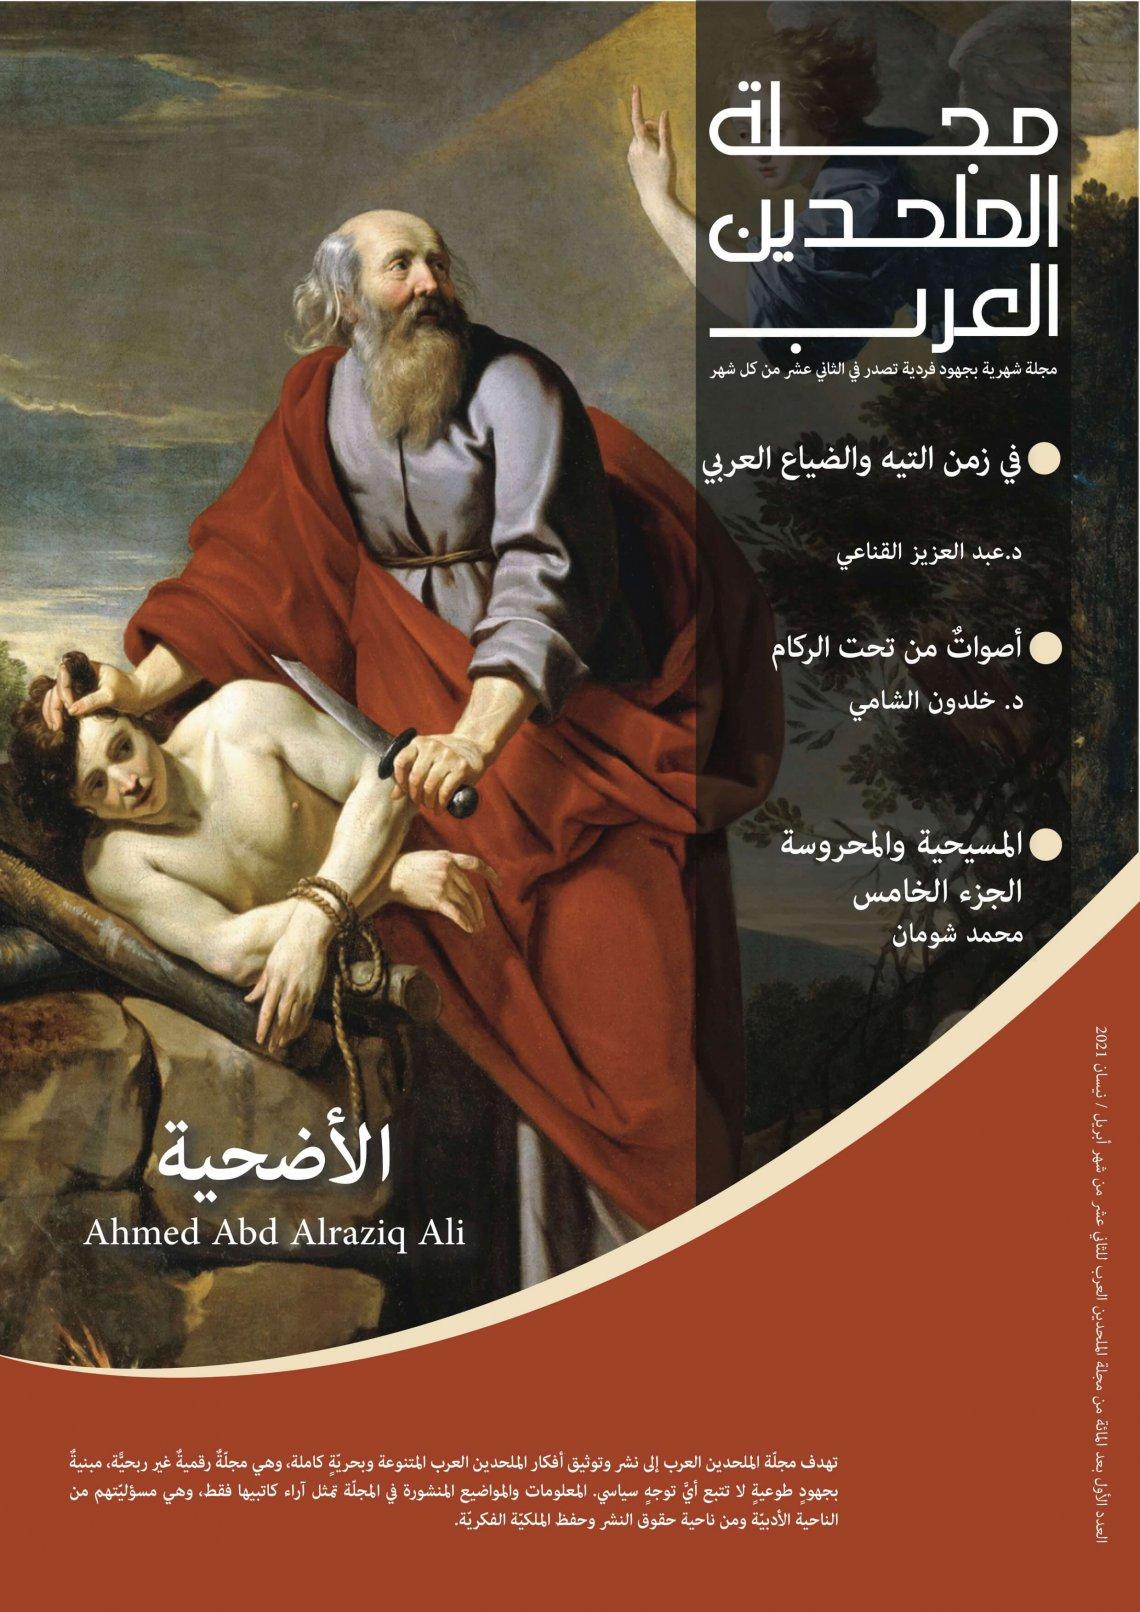 مجلة الملحدين العرب: العدد الأول بعد المائة / أبريل نيسان / 2021